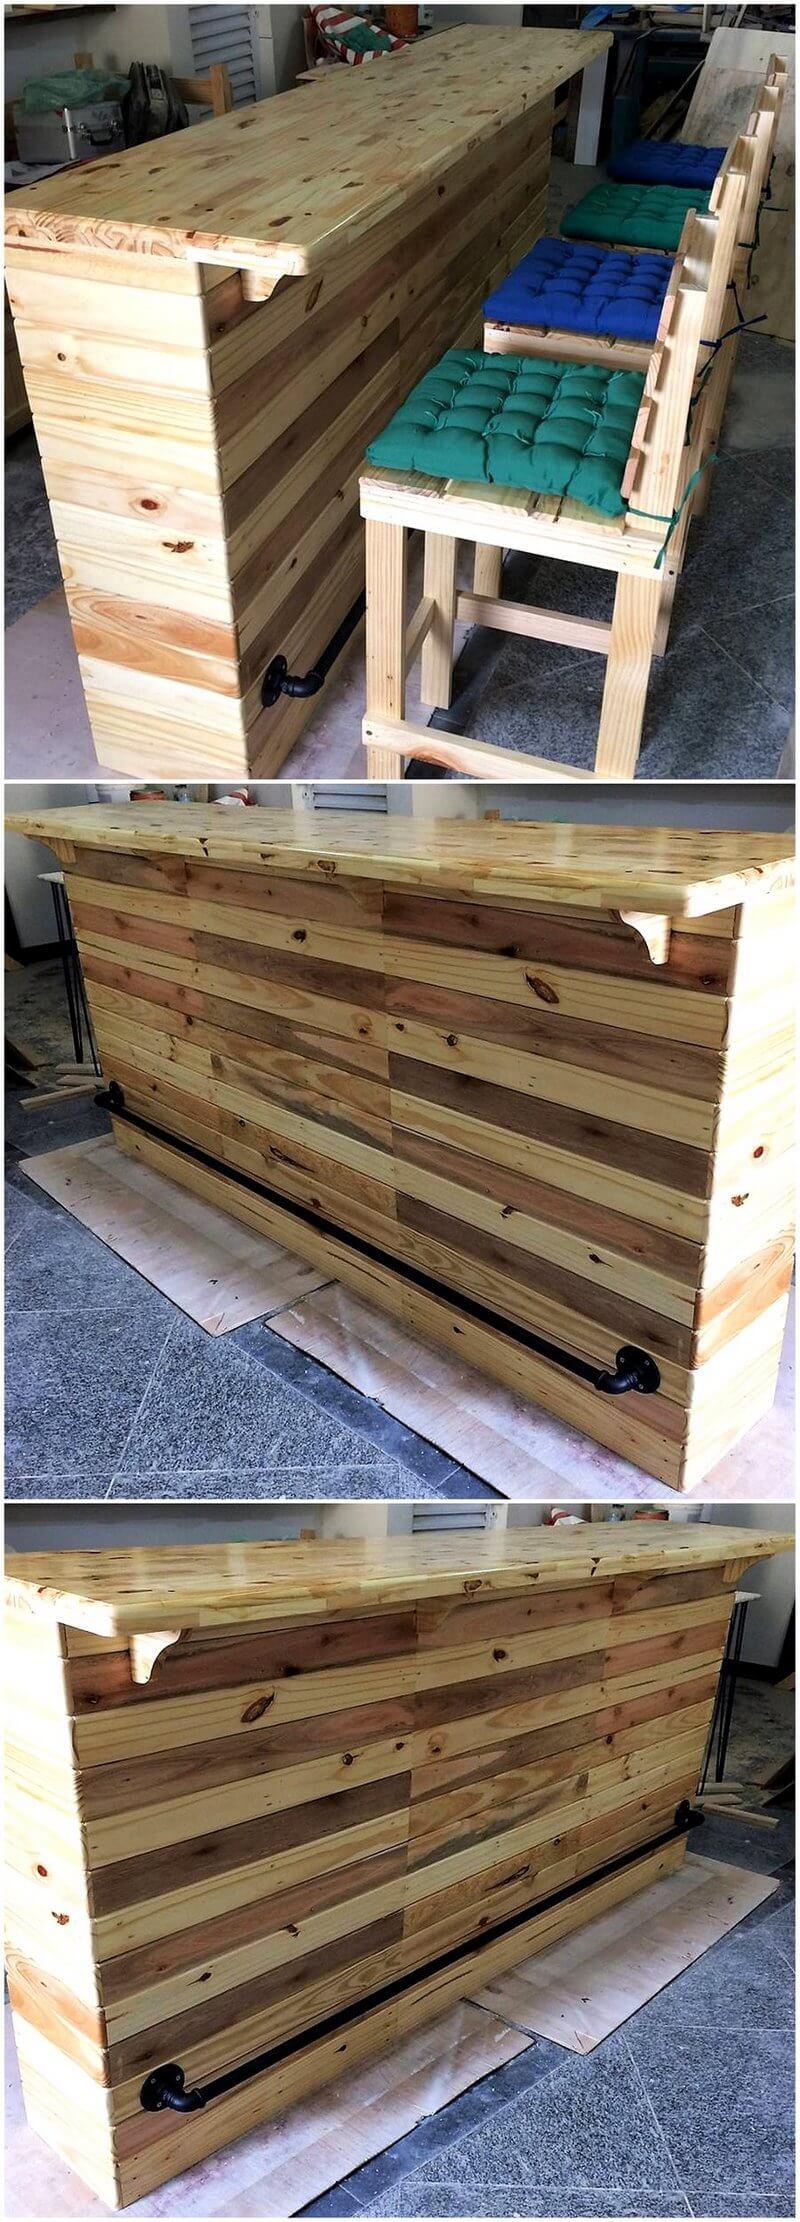 pallet wooden bar plan